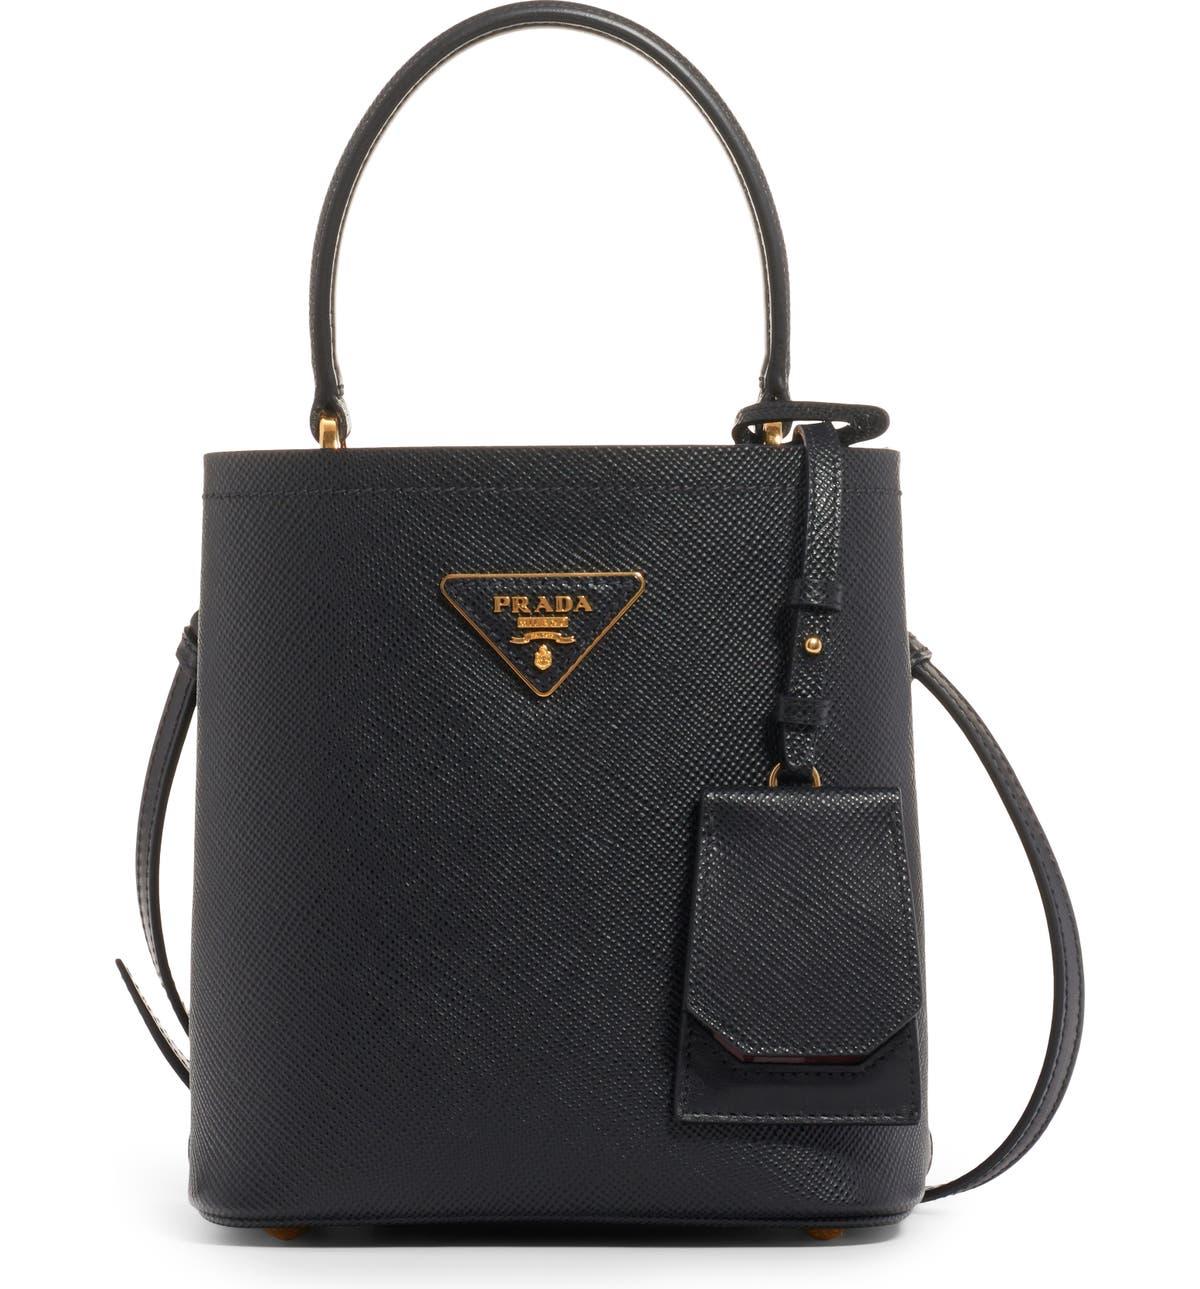 597842e7f042 Prada Small Saffiano Leather Bucket Bag   Nordstrom